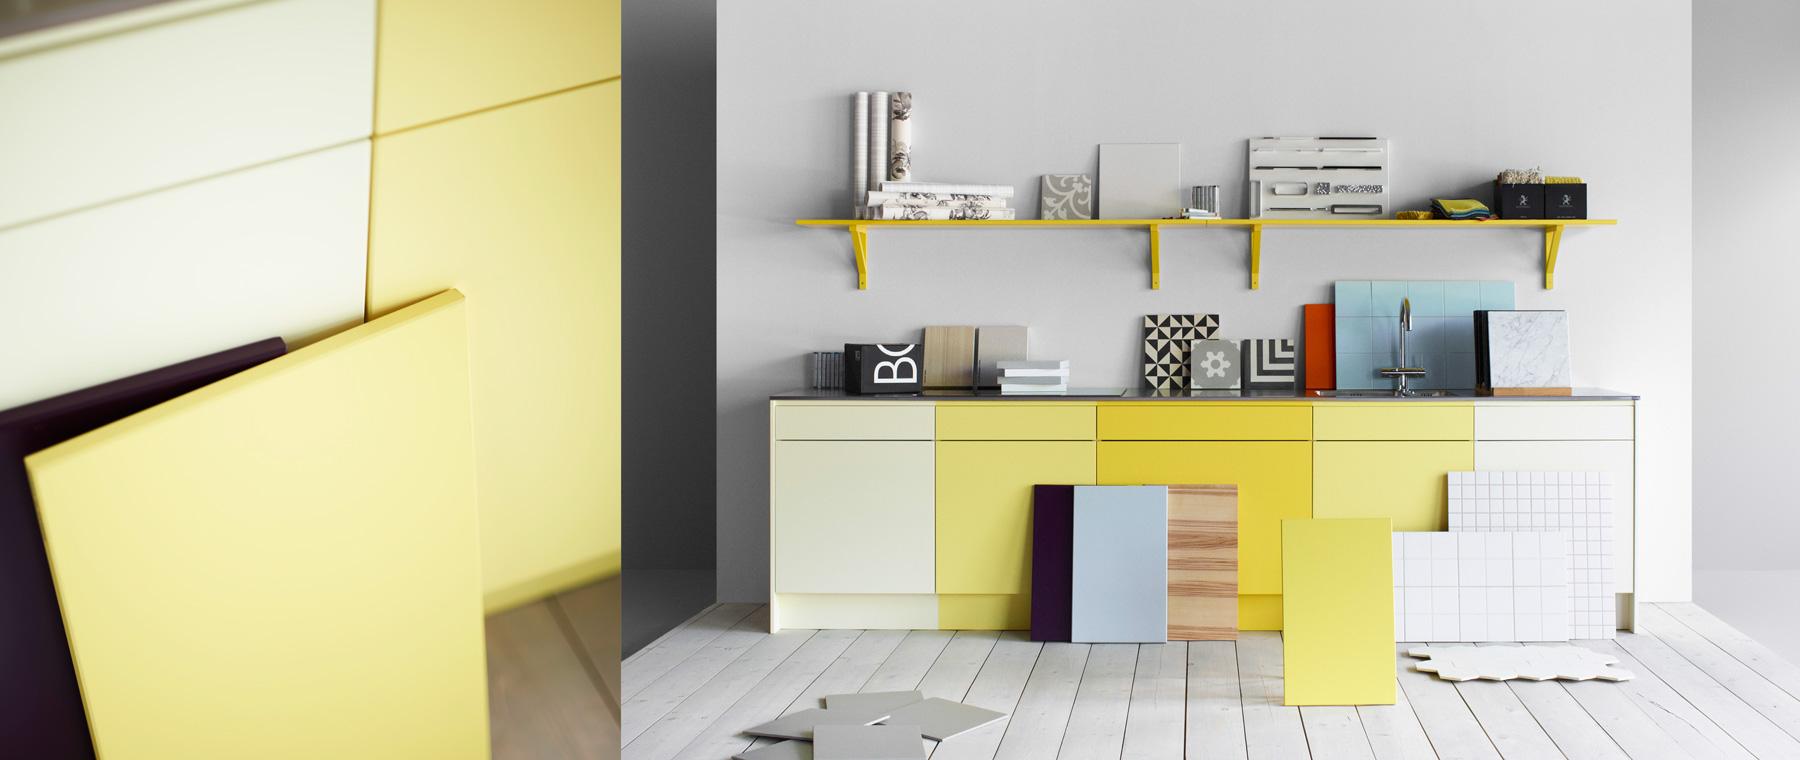 Maja kökslucka målad   nytt kök badrum och tvättstuga   vedum kök ...